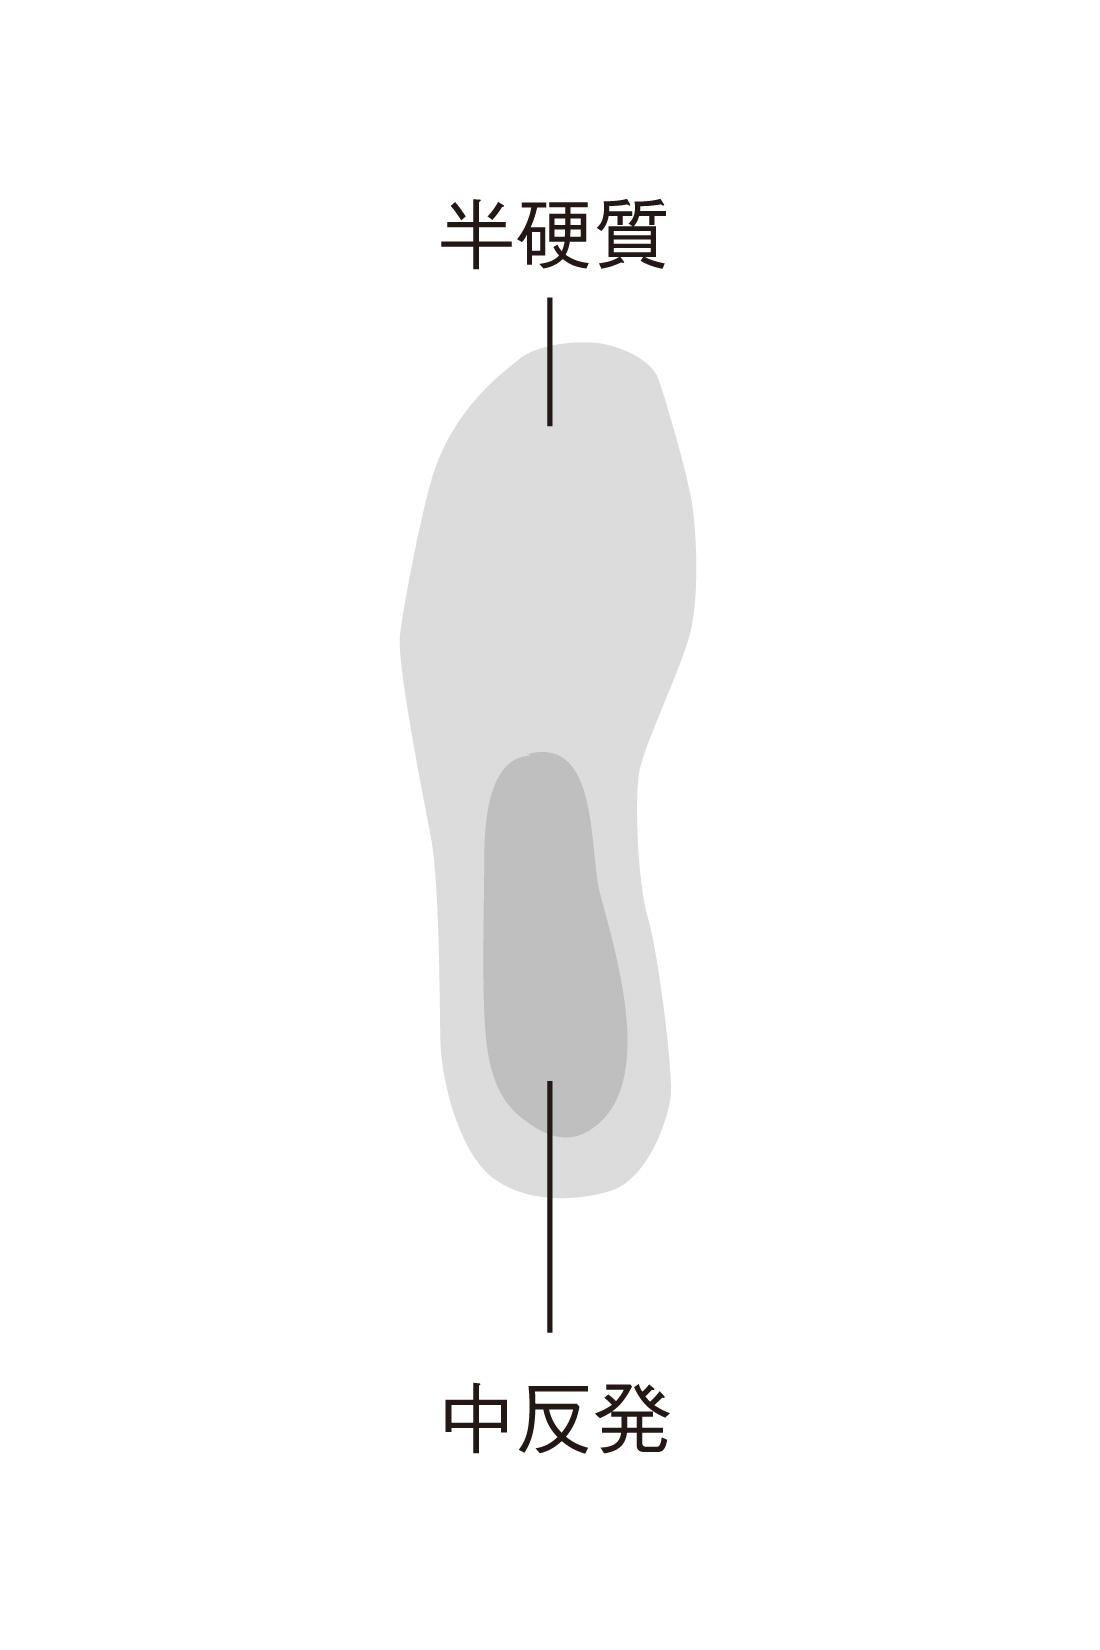 つま先部分には低反発スポンジ、かかと部分には衝撃吸収スポンジを採用。